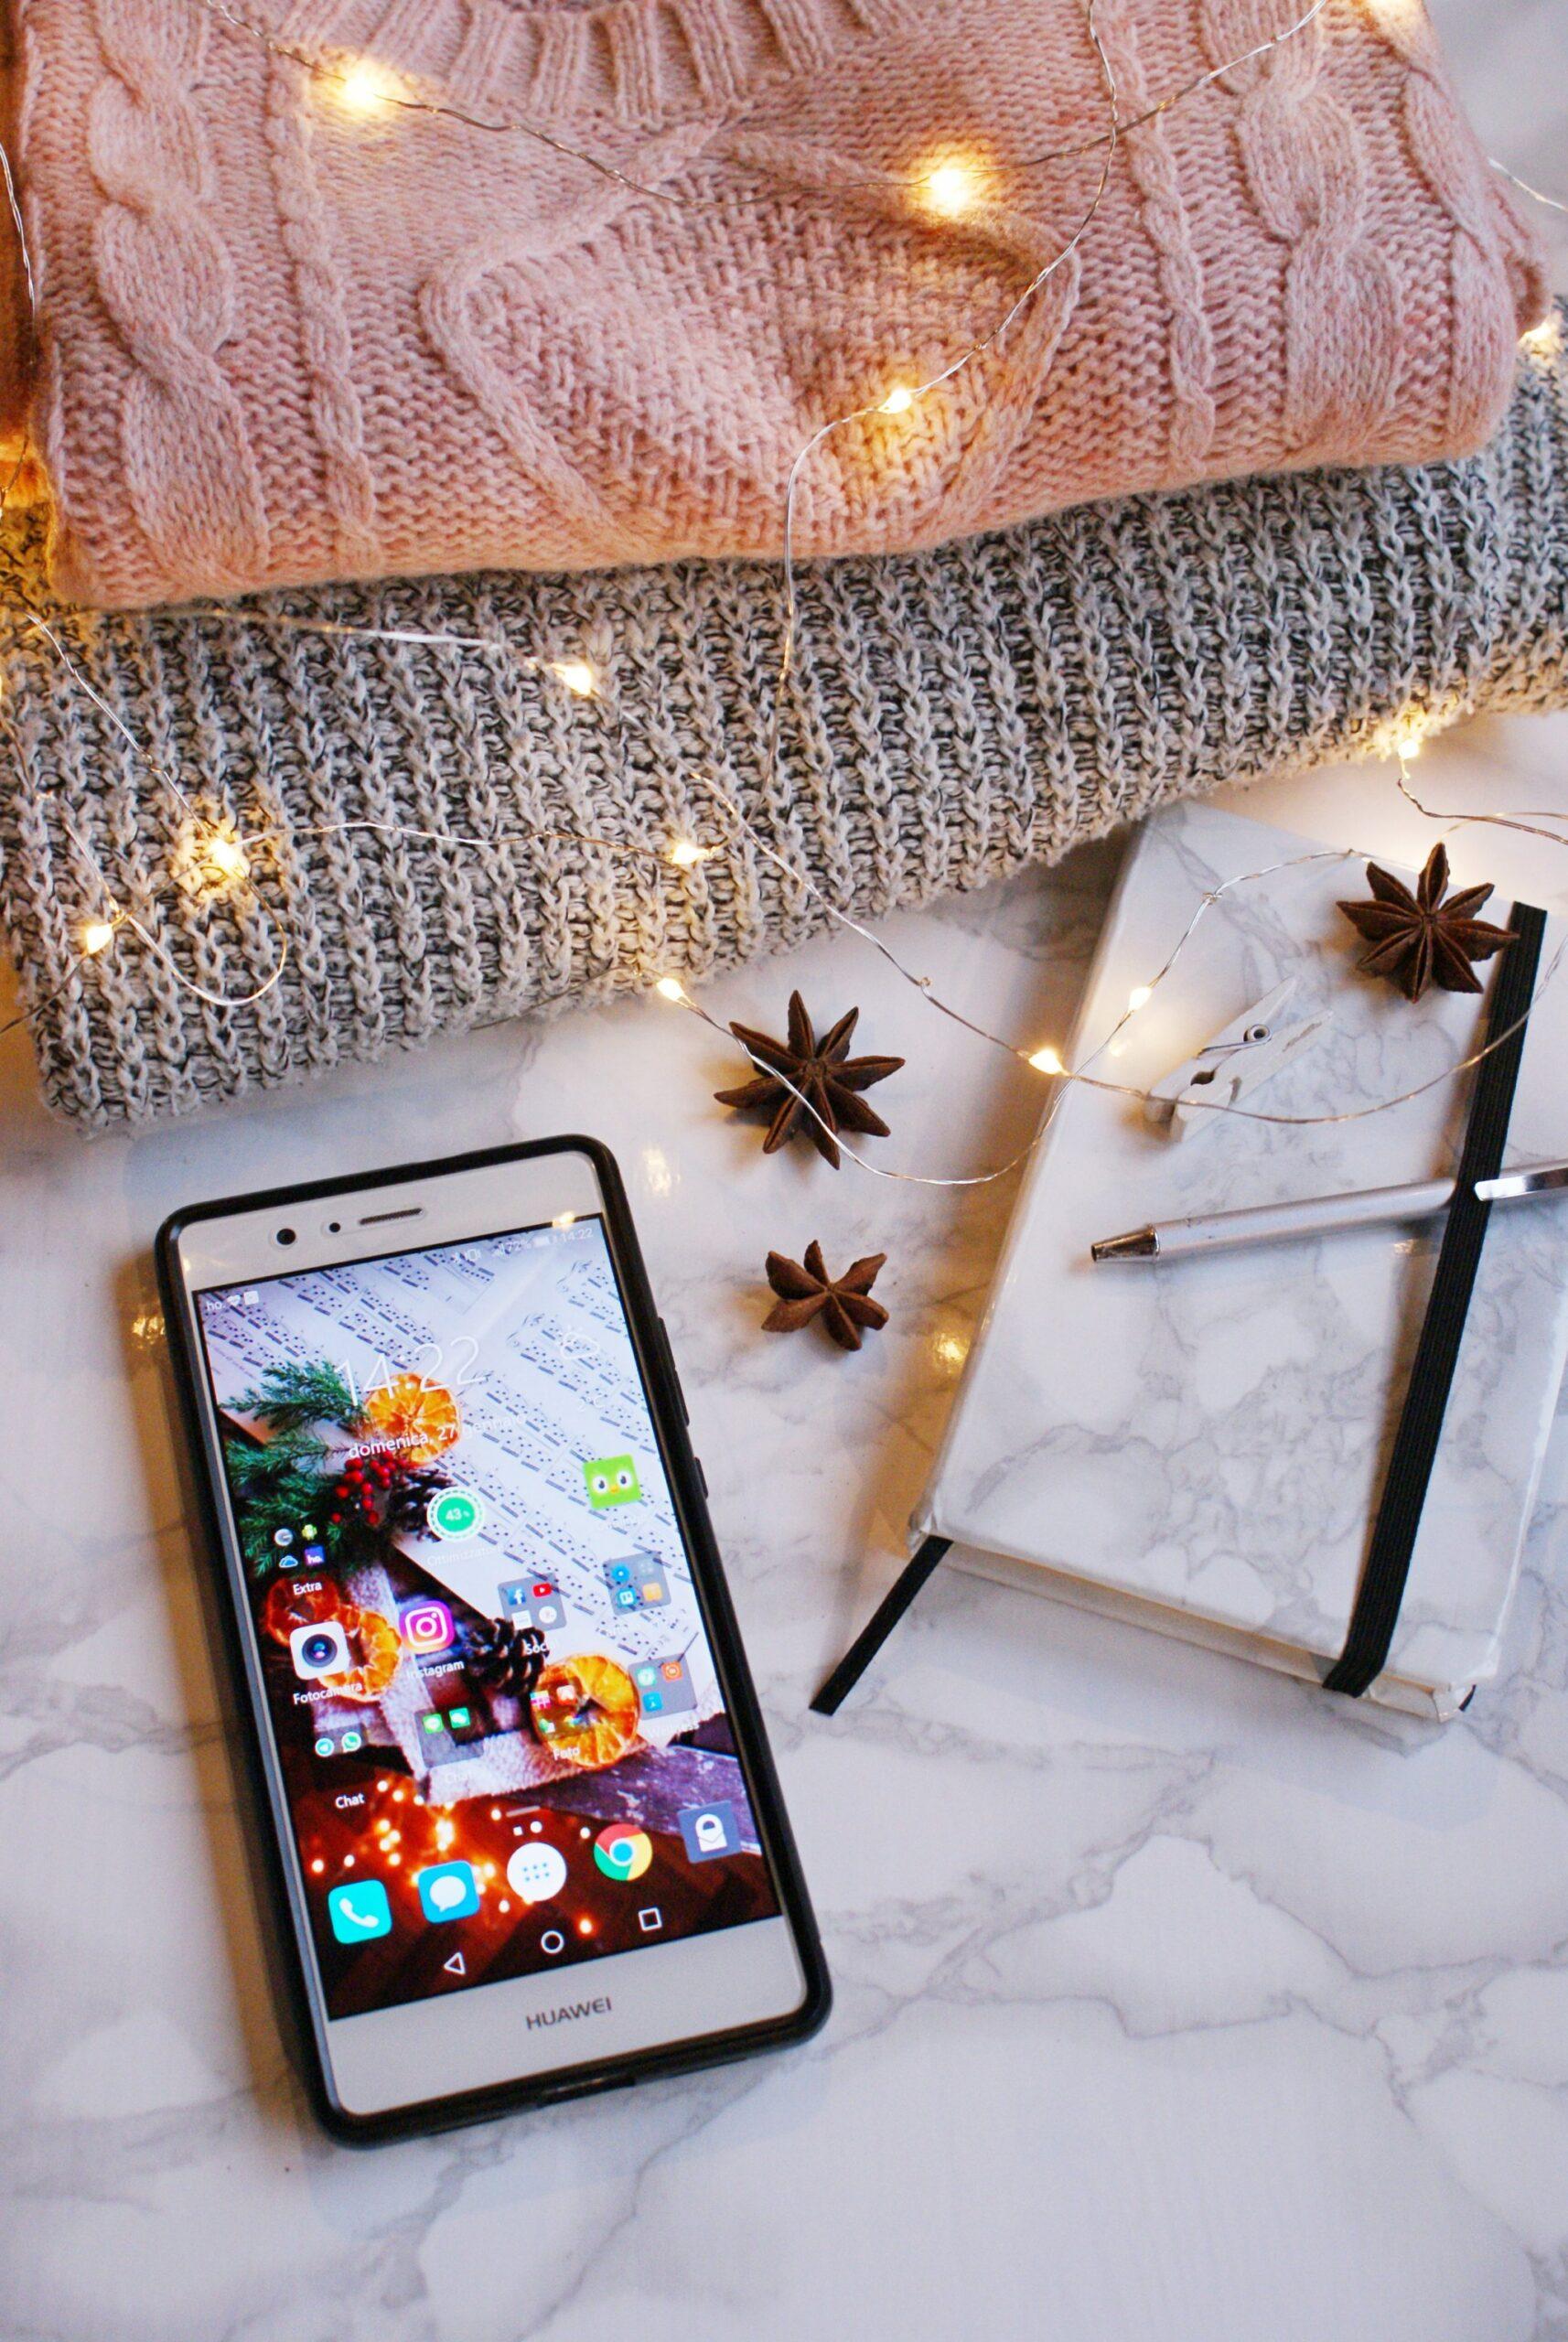 2019 best app review francinesplaceblog